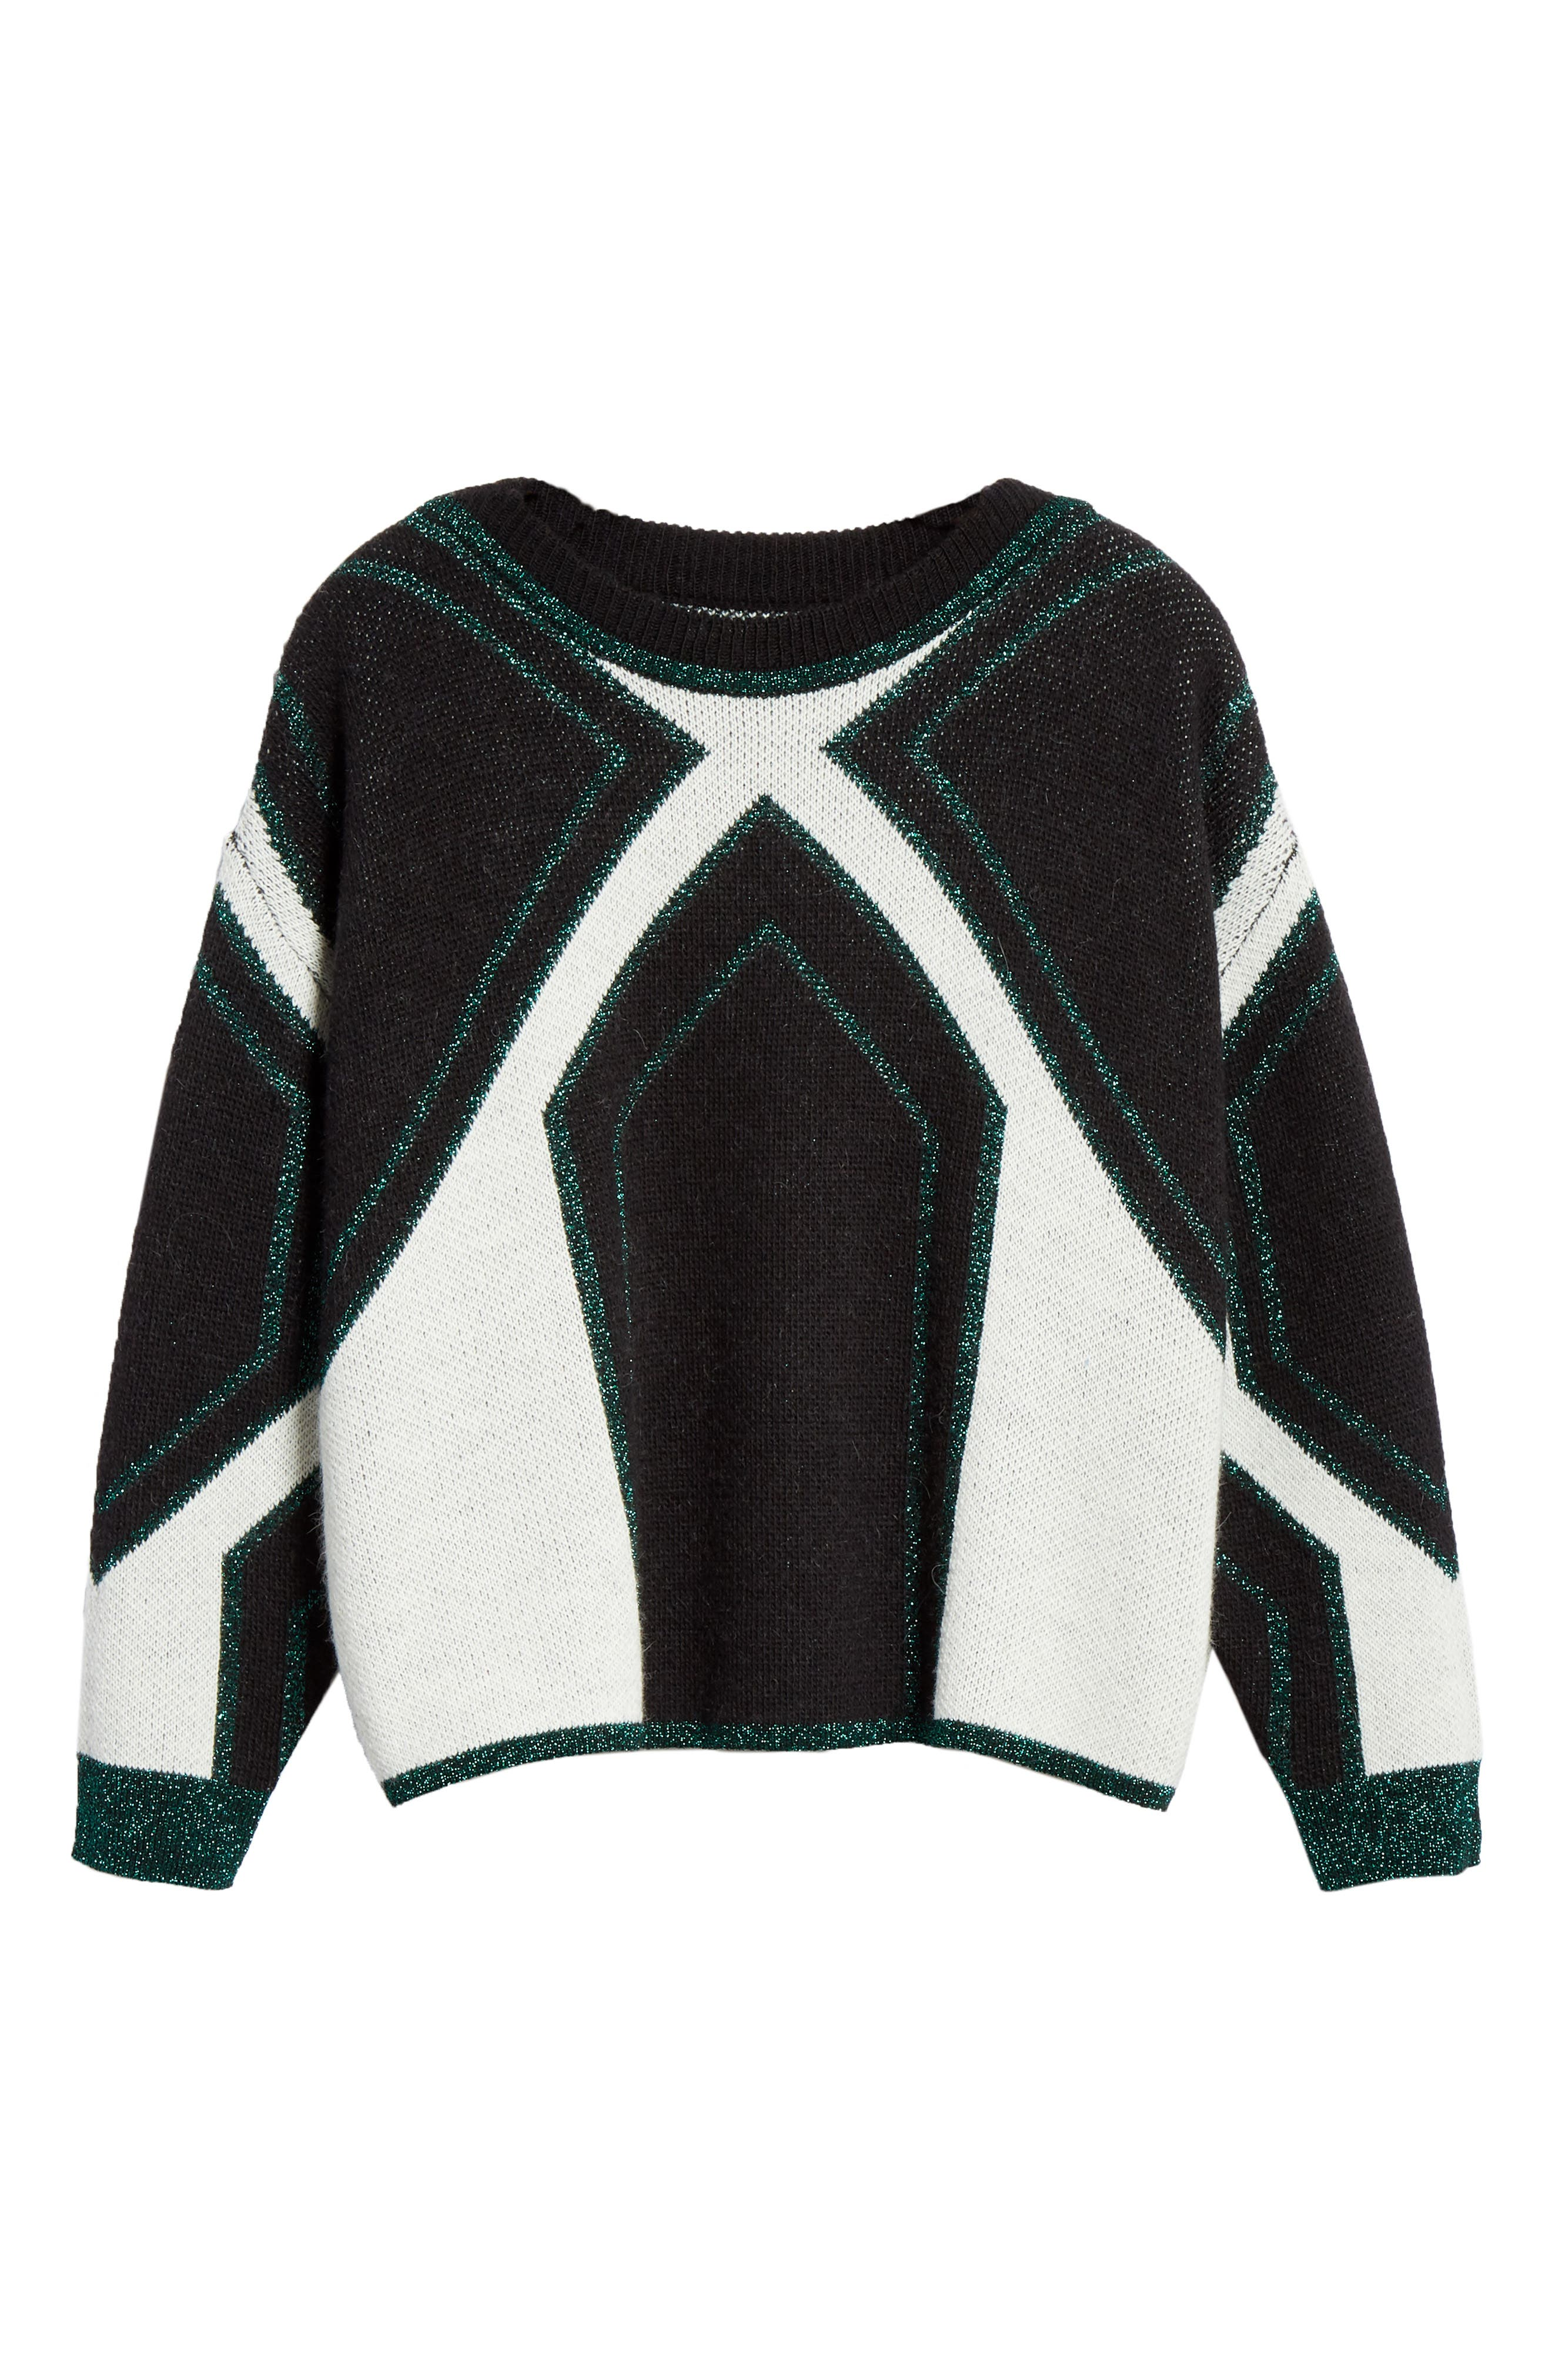 Velny Sweater,                             Alternate thumbnail 6, color,                             MULTI